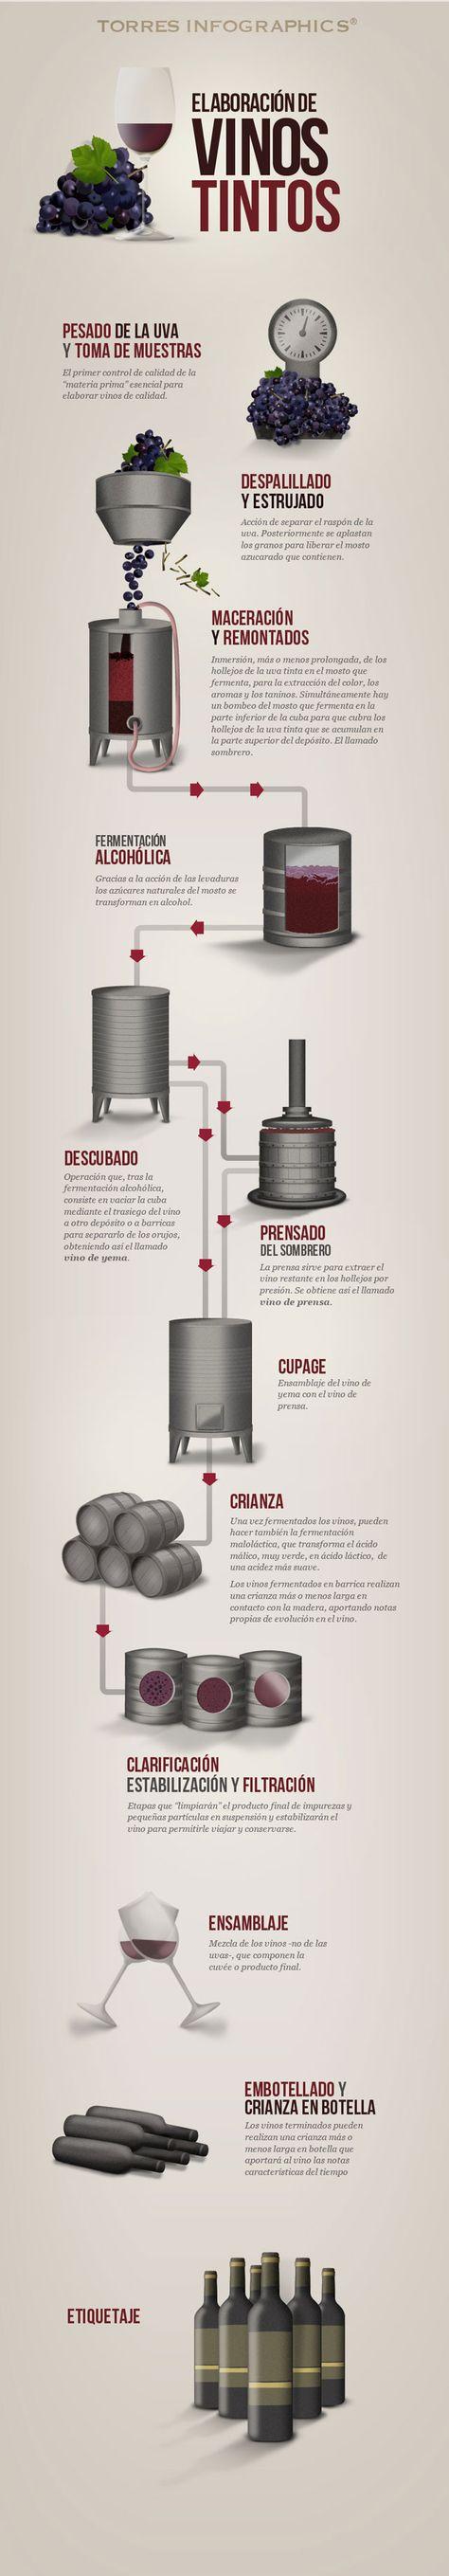 Una infografía muy interesante de la elaboración del vino por el Club Torres